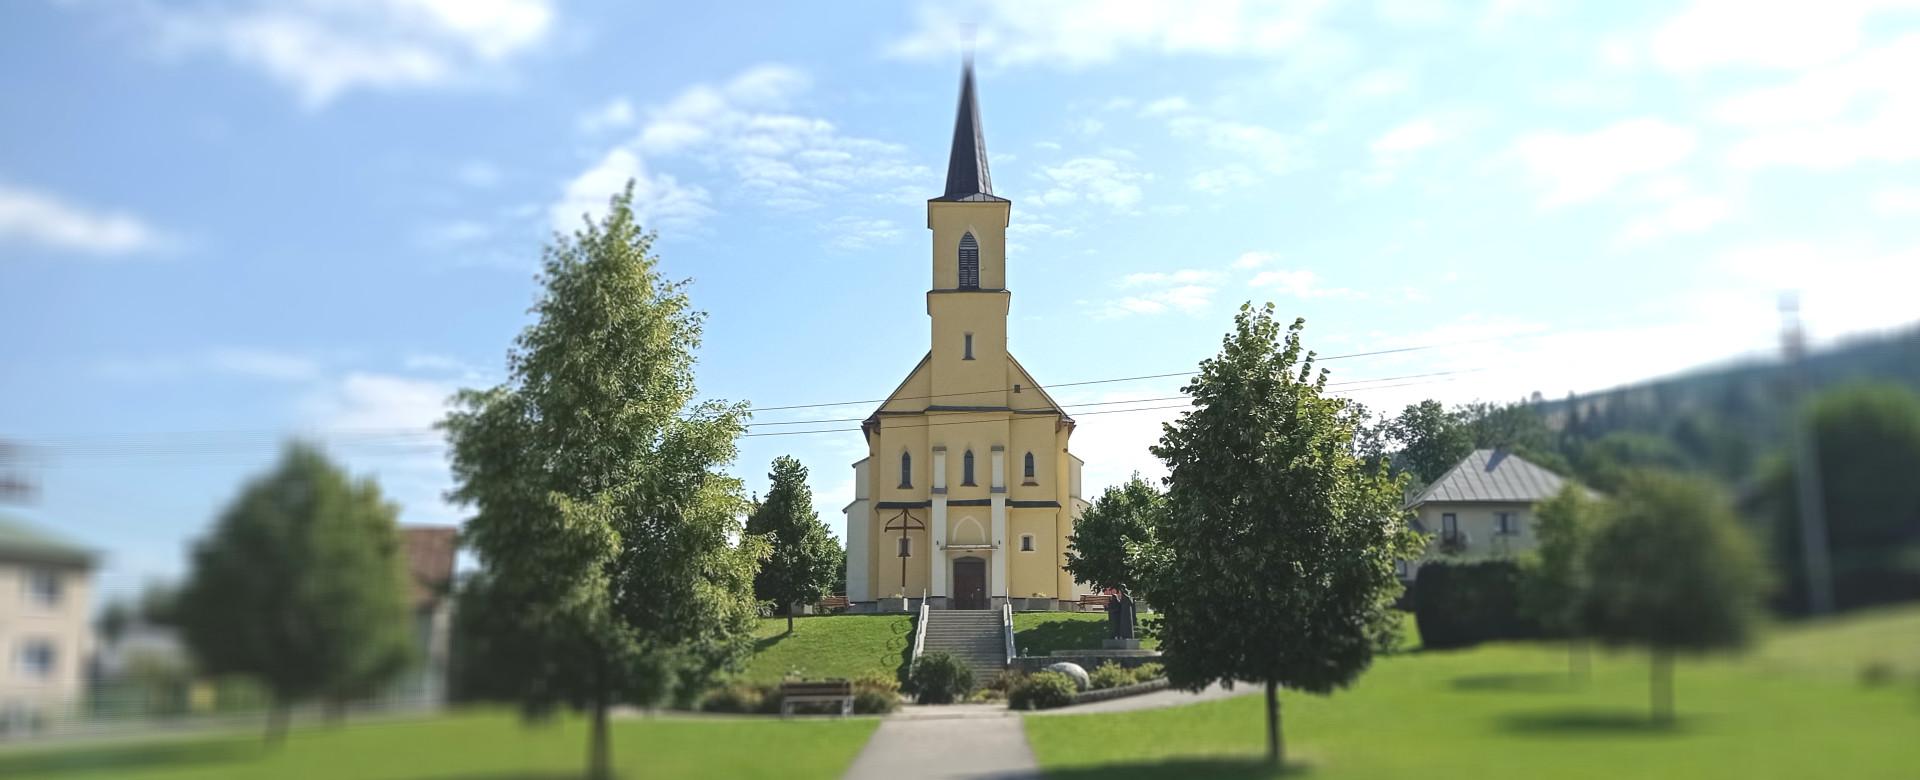 kostol celny pohlad